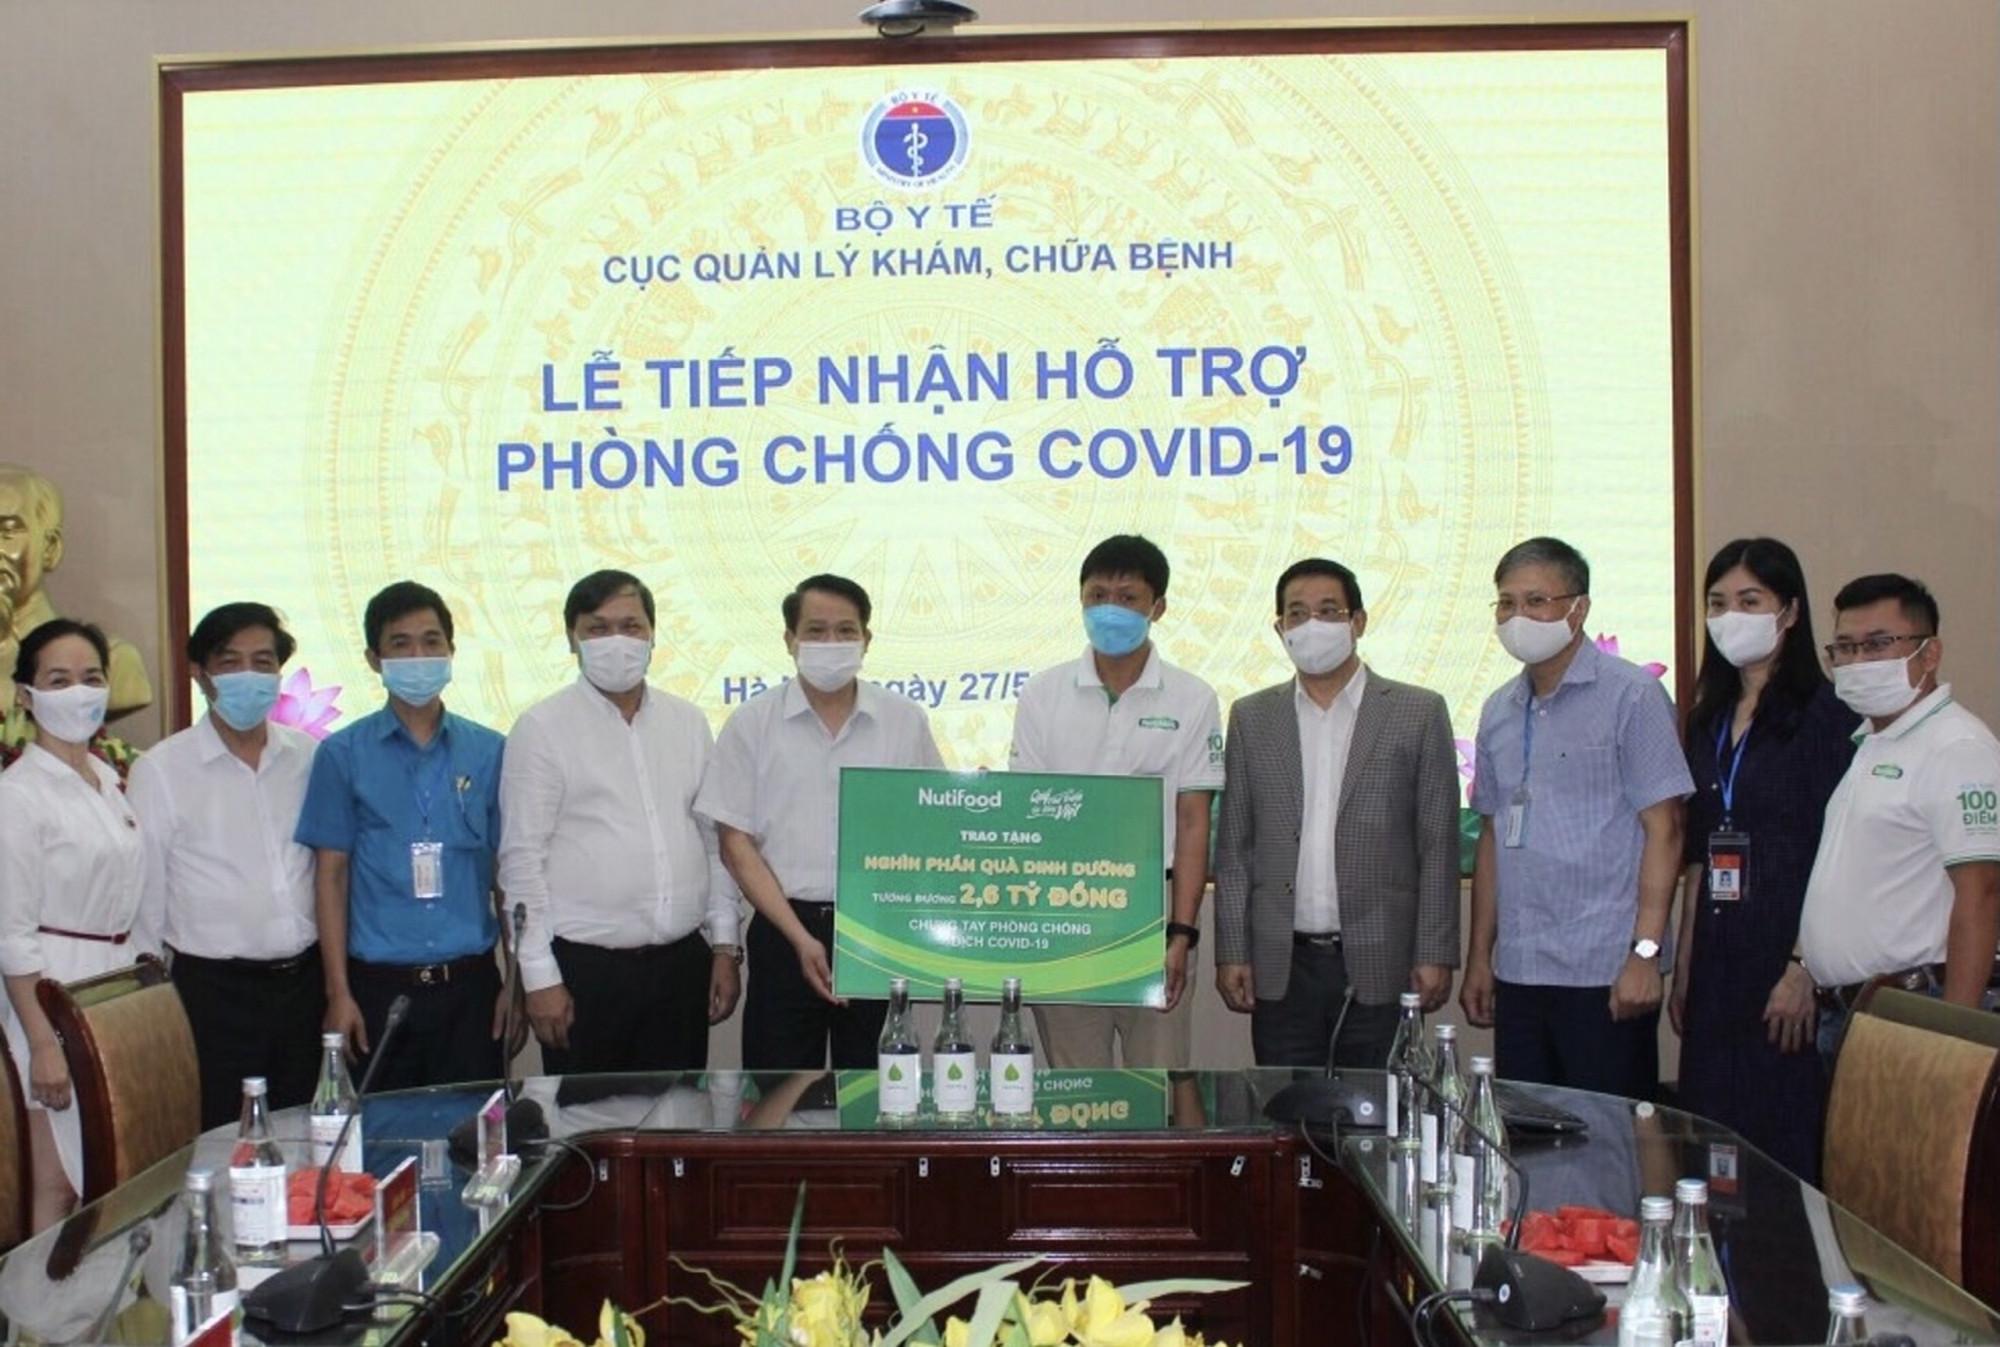 Quỹ Phát triển Tài năng Việt phối hợp cùng Nutifood trao tặng hàng trăm ngàn sản phẩm dinh dưỡng và cà phê, trị giá 2,6 tỷ đồng đến Cục Quản lý Khám, Chữa bệnh - Bộ Y tế